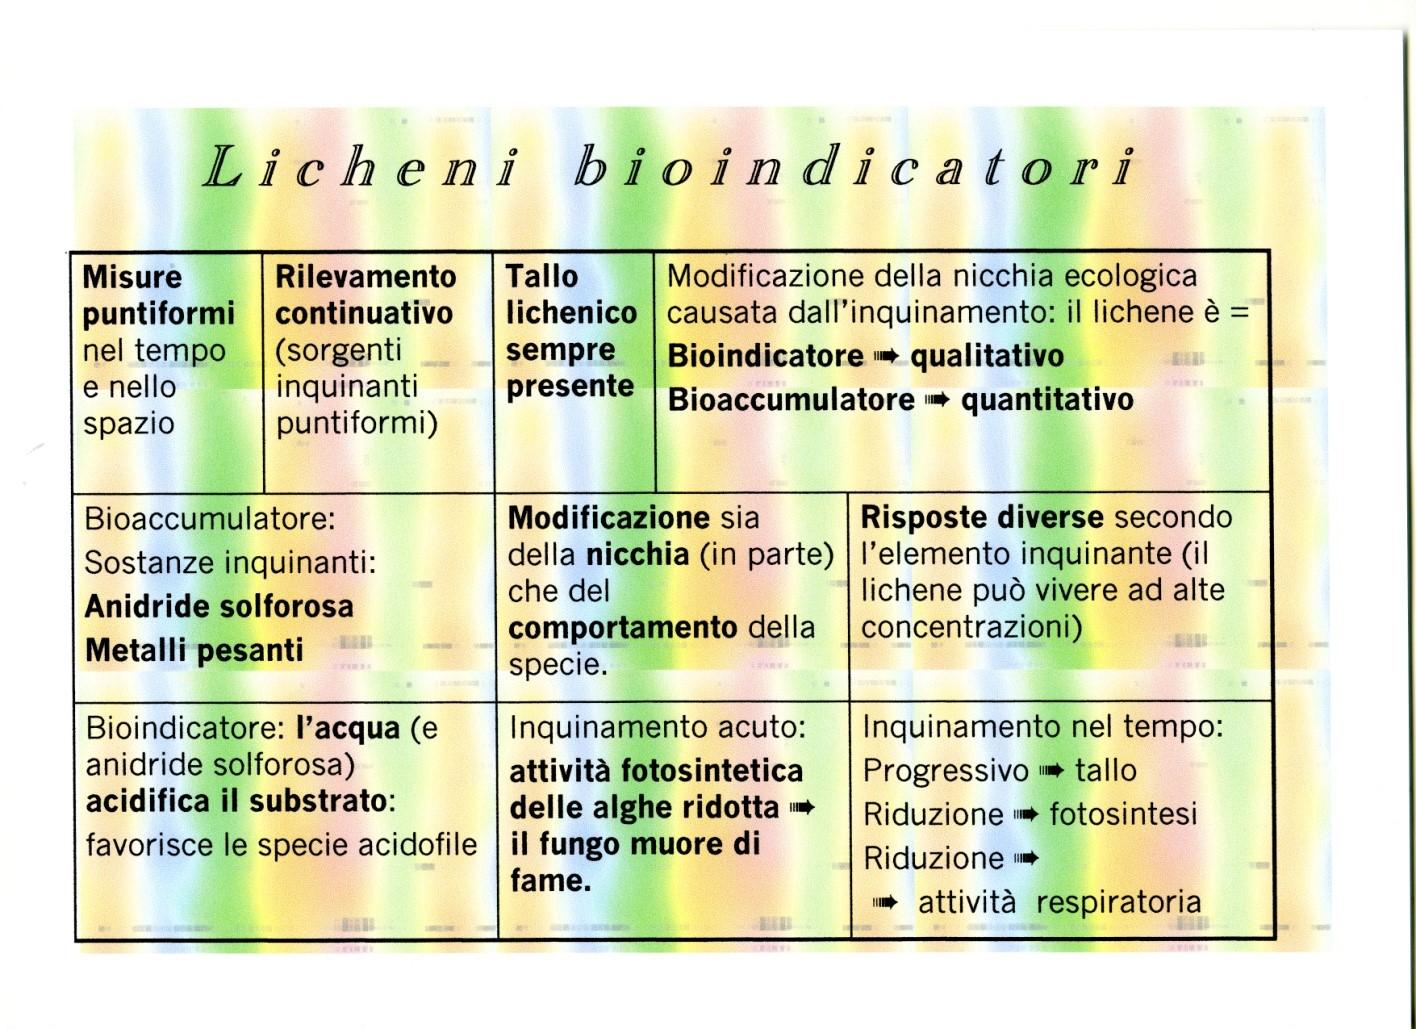 licheni bioindicatori